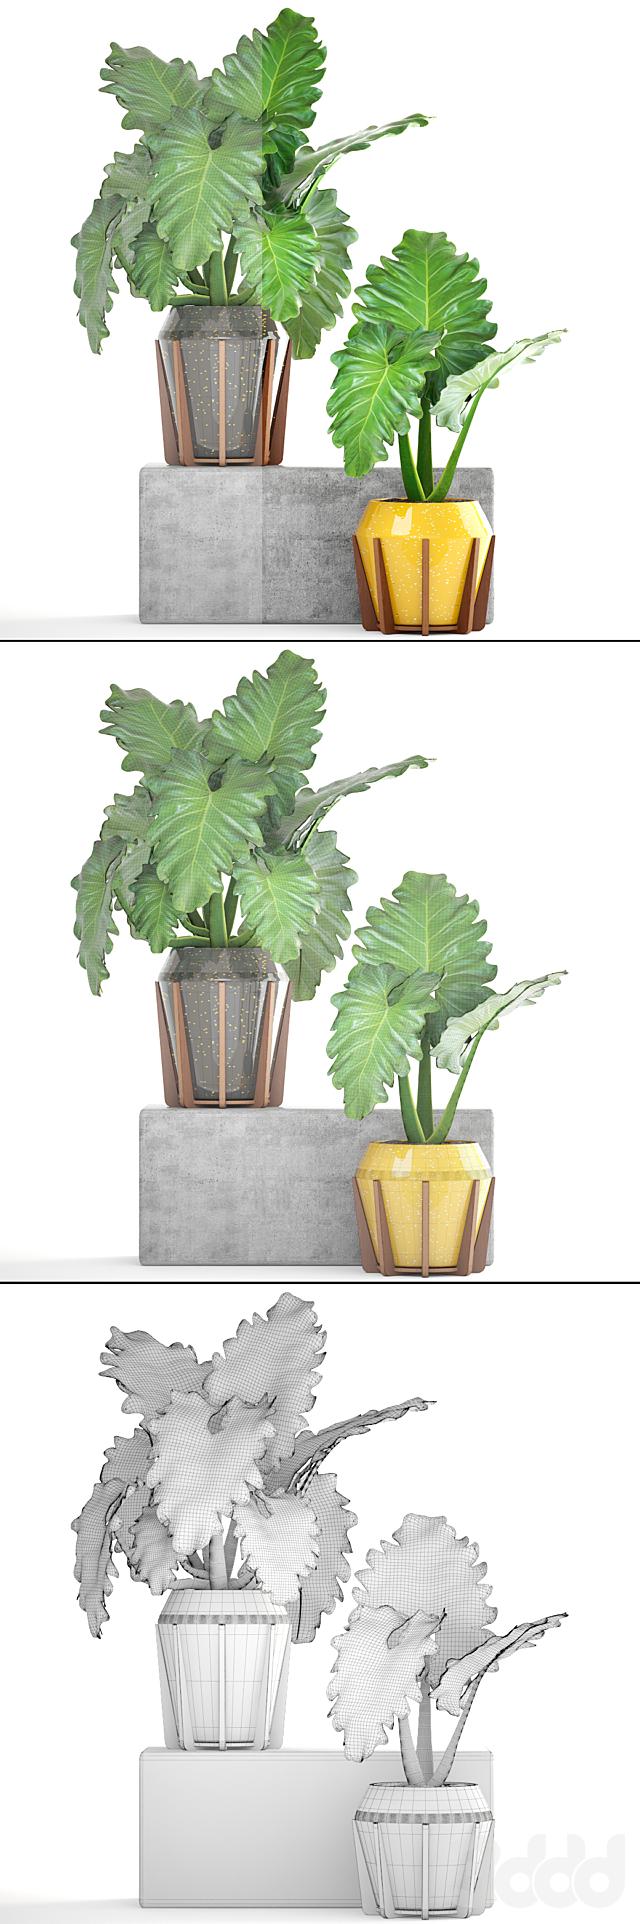 Коллекция растений 154. tropical plant